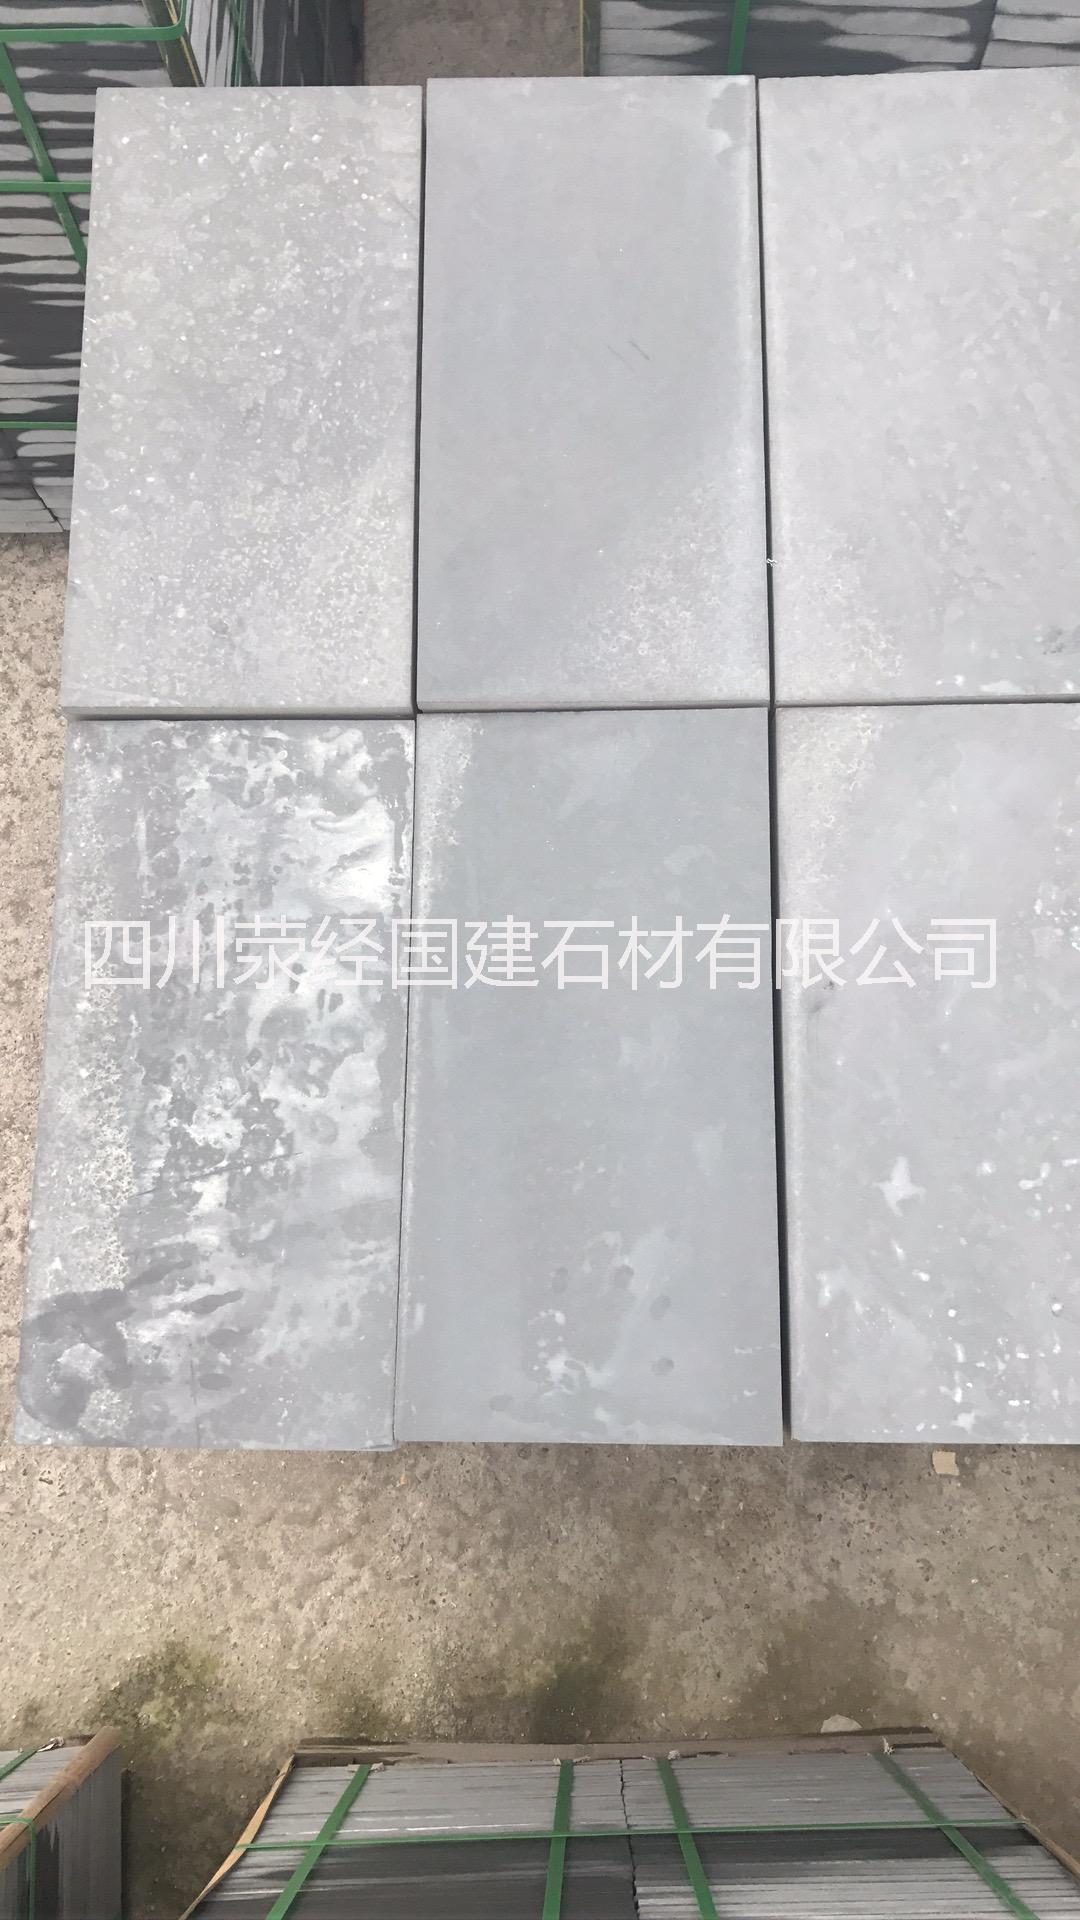 雅蒙黑光面雅蒙黑光面图片雅蒙黑光面厂家雅蒙黑石材规格板